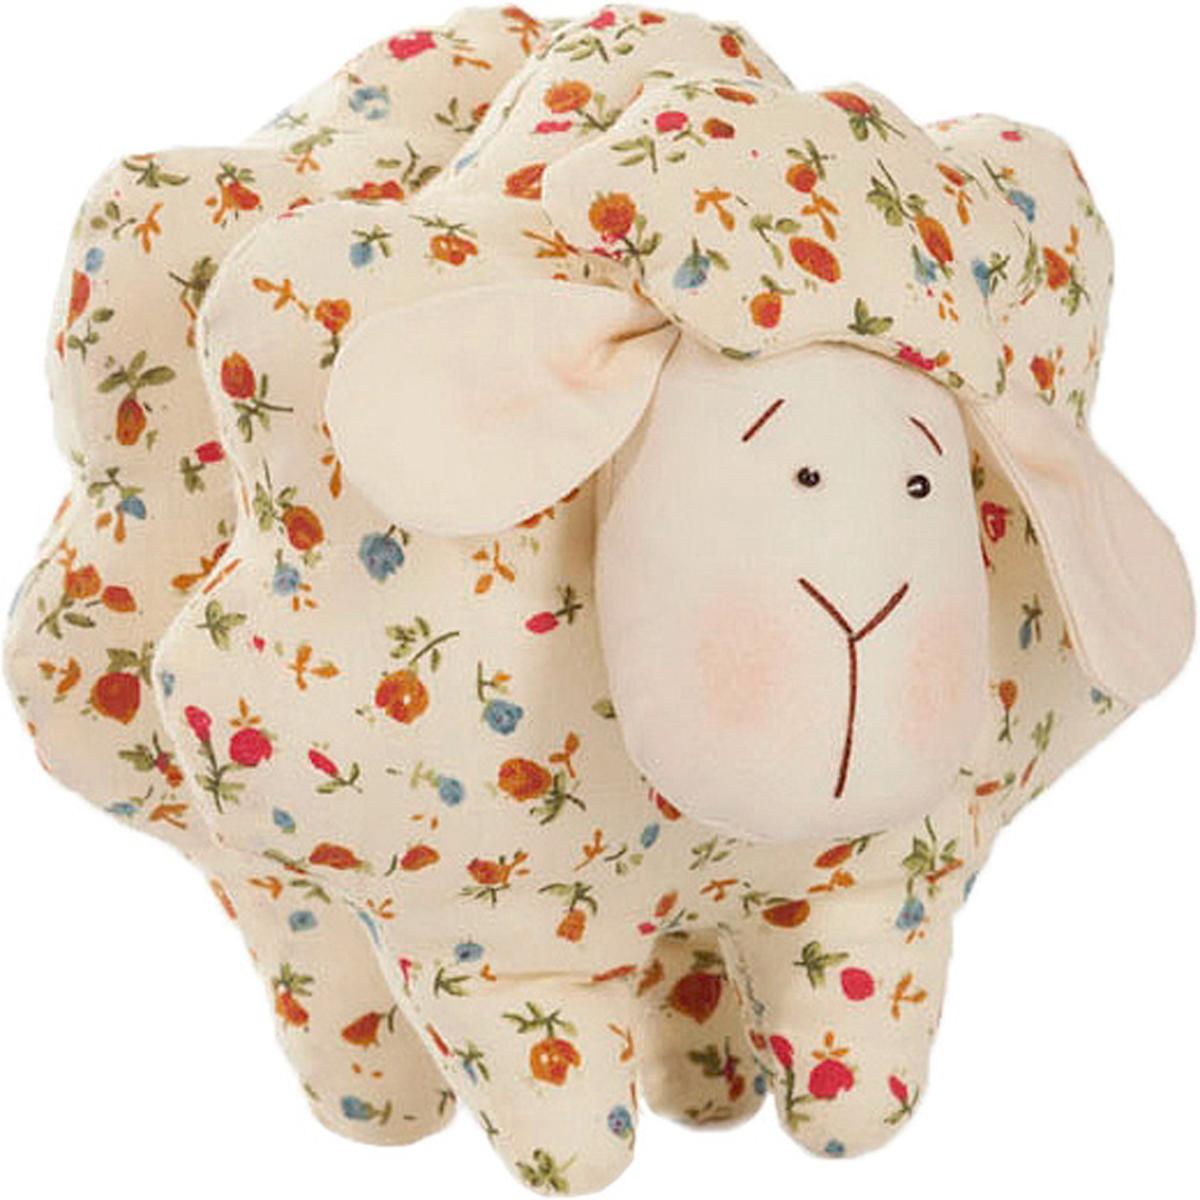 Набор для шитья игрушки Цветница Овечка Карамелька, 13 см набор для творчества цветница набор для шитья текстильной игрушки зайка дачница